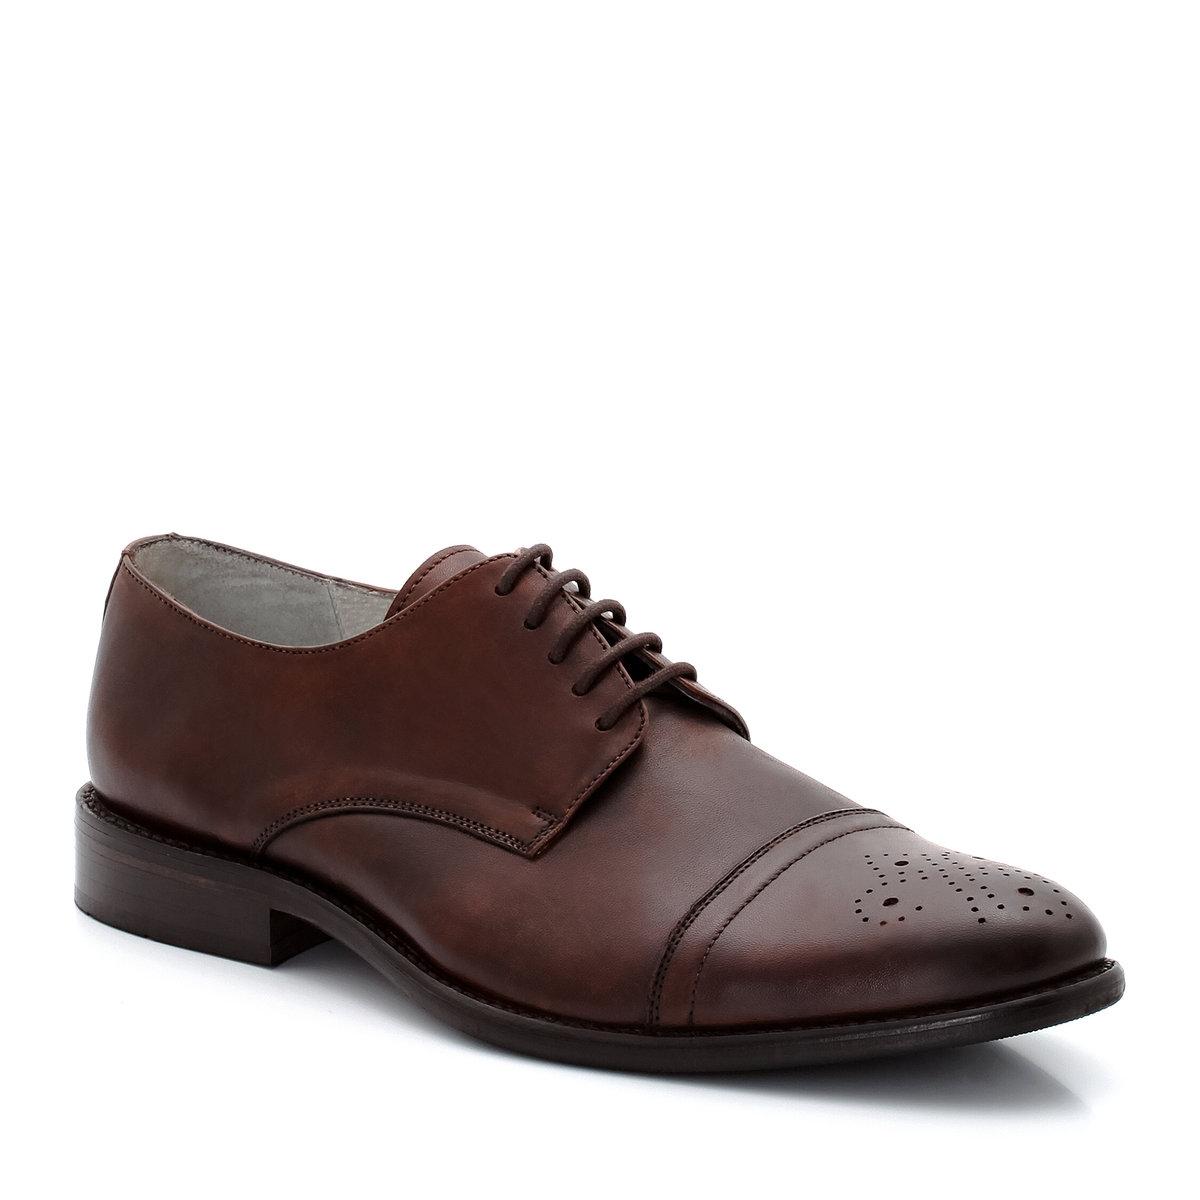 Ботинки-дерби кожаныеКожаные ботинки-дерби, размеры 43-50 по одной цене!Верх: гладкая яловичная кожа с перфорацией. Подкладка: кожаСтелька: кожа. Подошва: пластичный нескользящий эластомер.<br><br>Цвет: каштановый